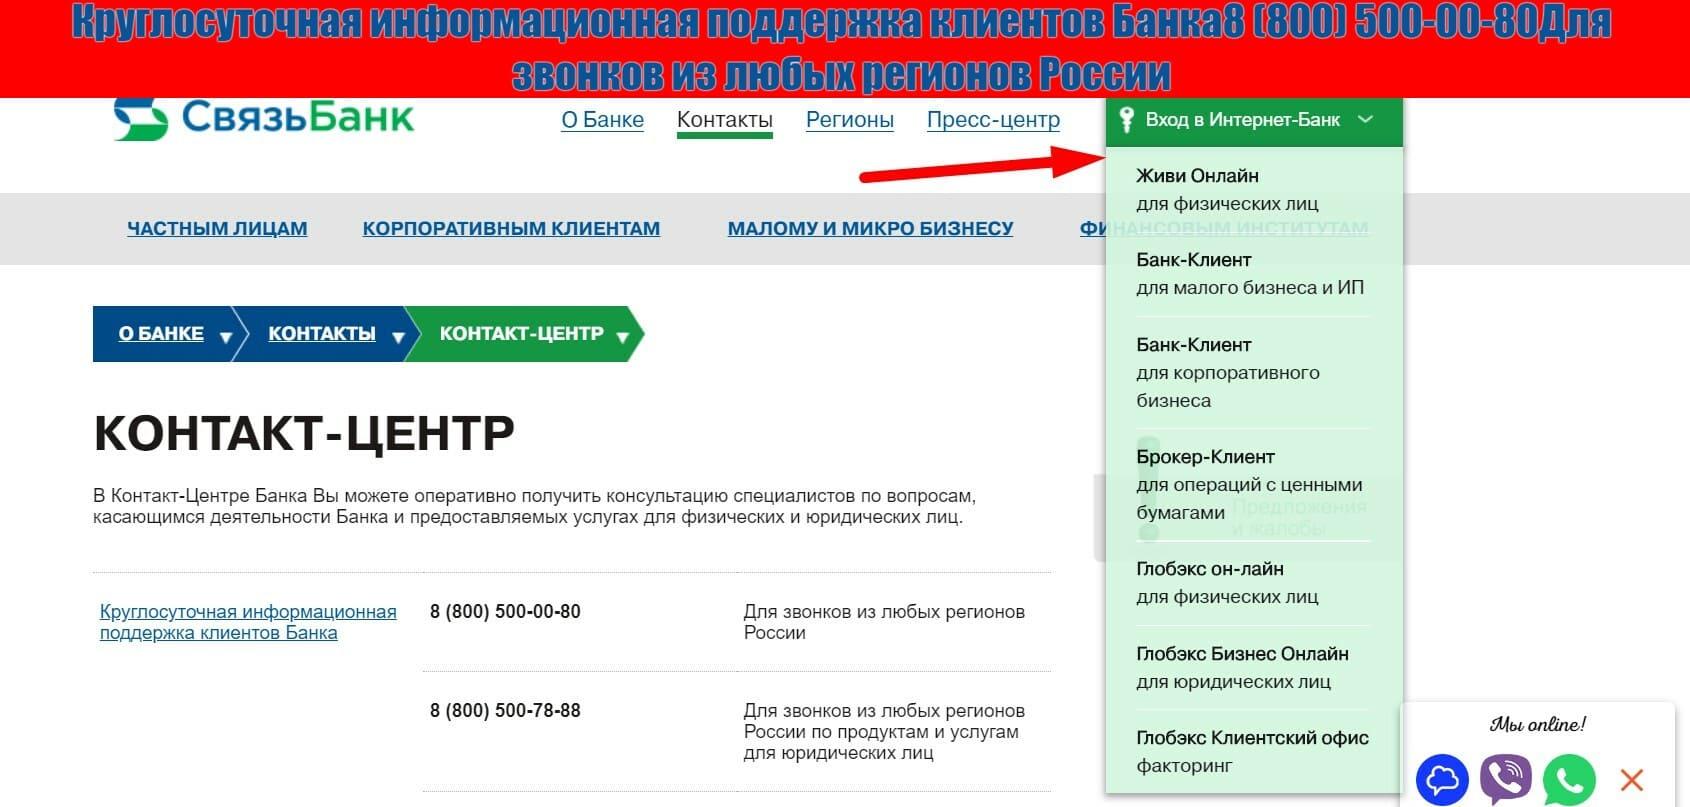 регистрация связь банк онлайн взять кредит миллион на 10 лет